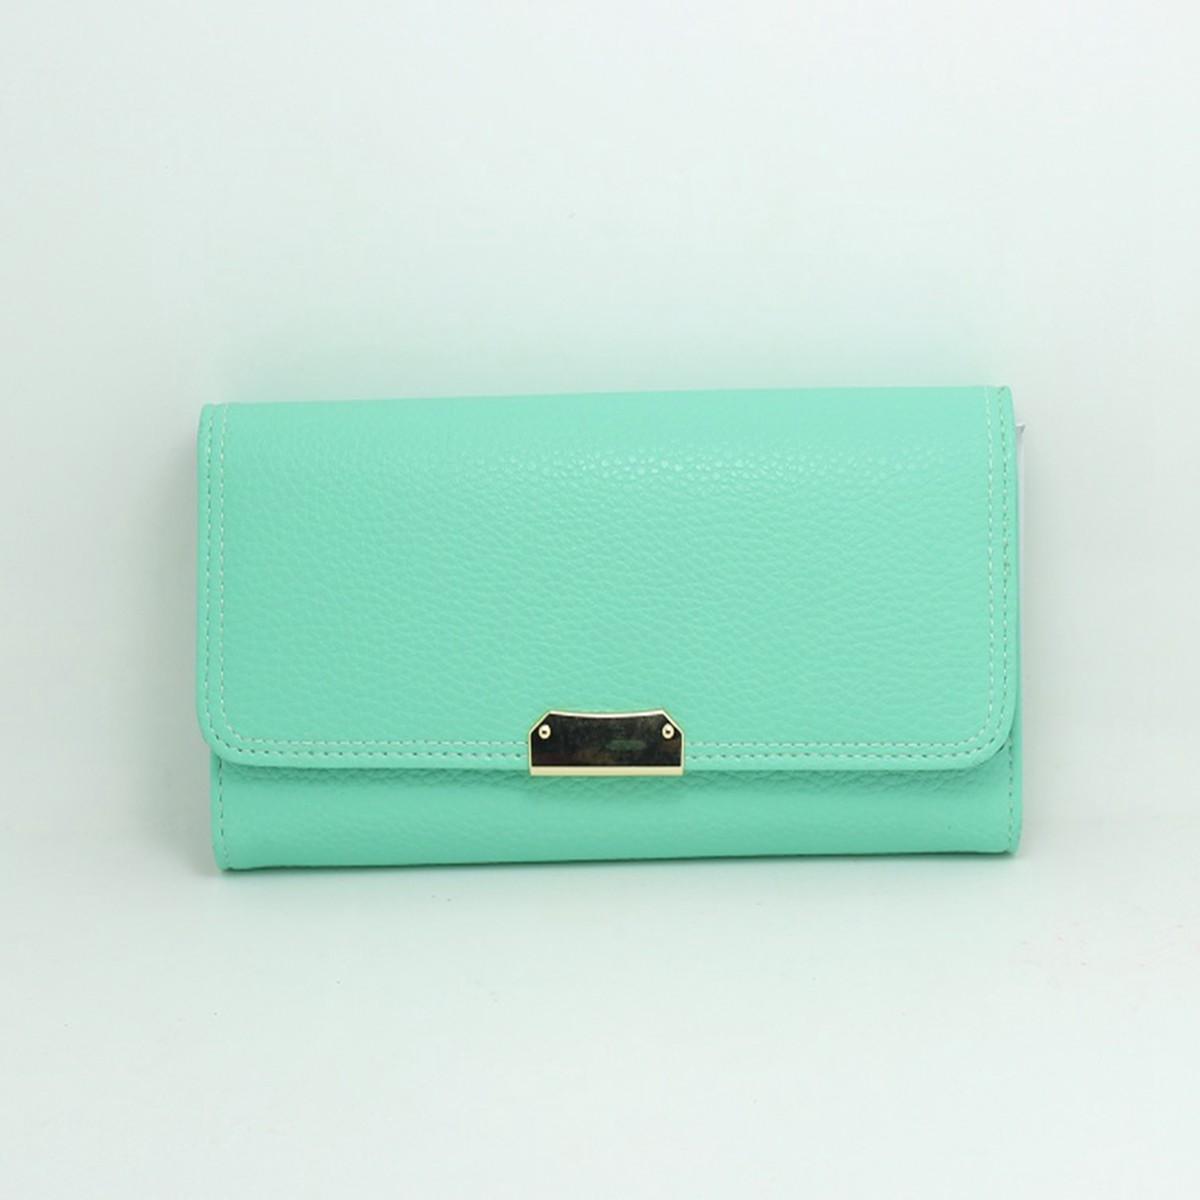 Women Zipper Long Wallet Button Cash Card Holder Leather Clutch Handbag Purse